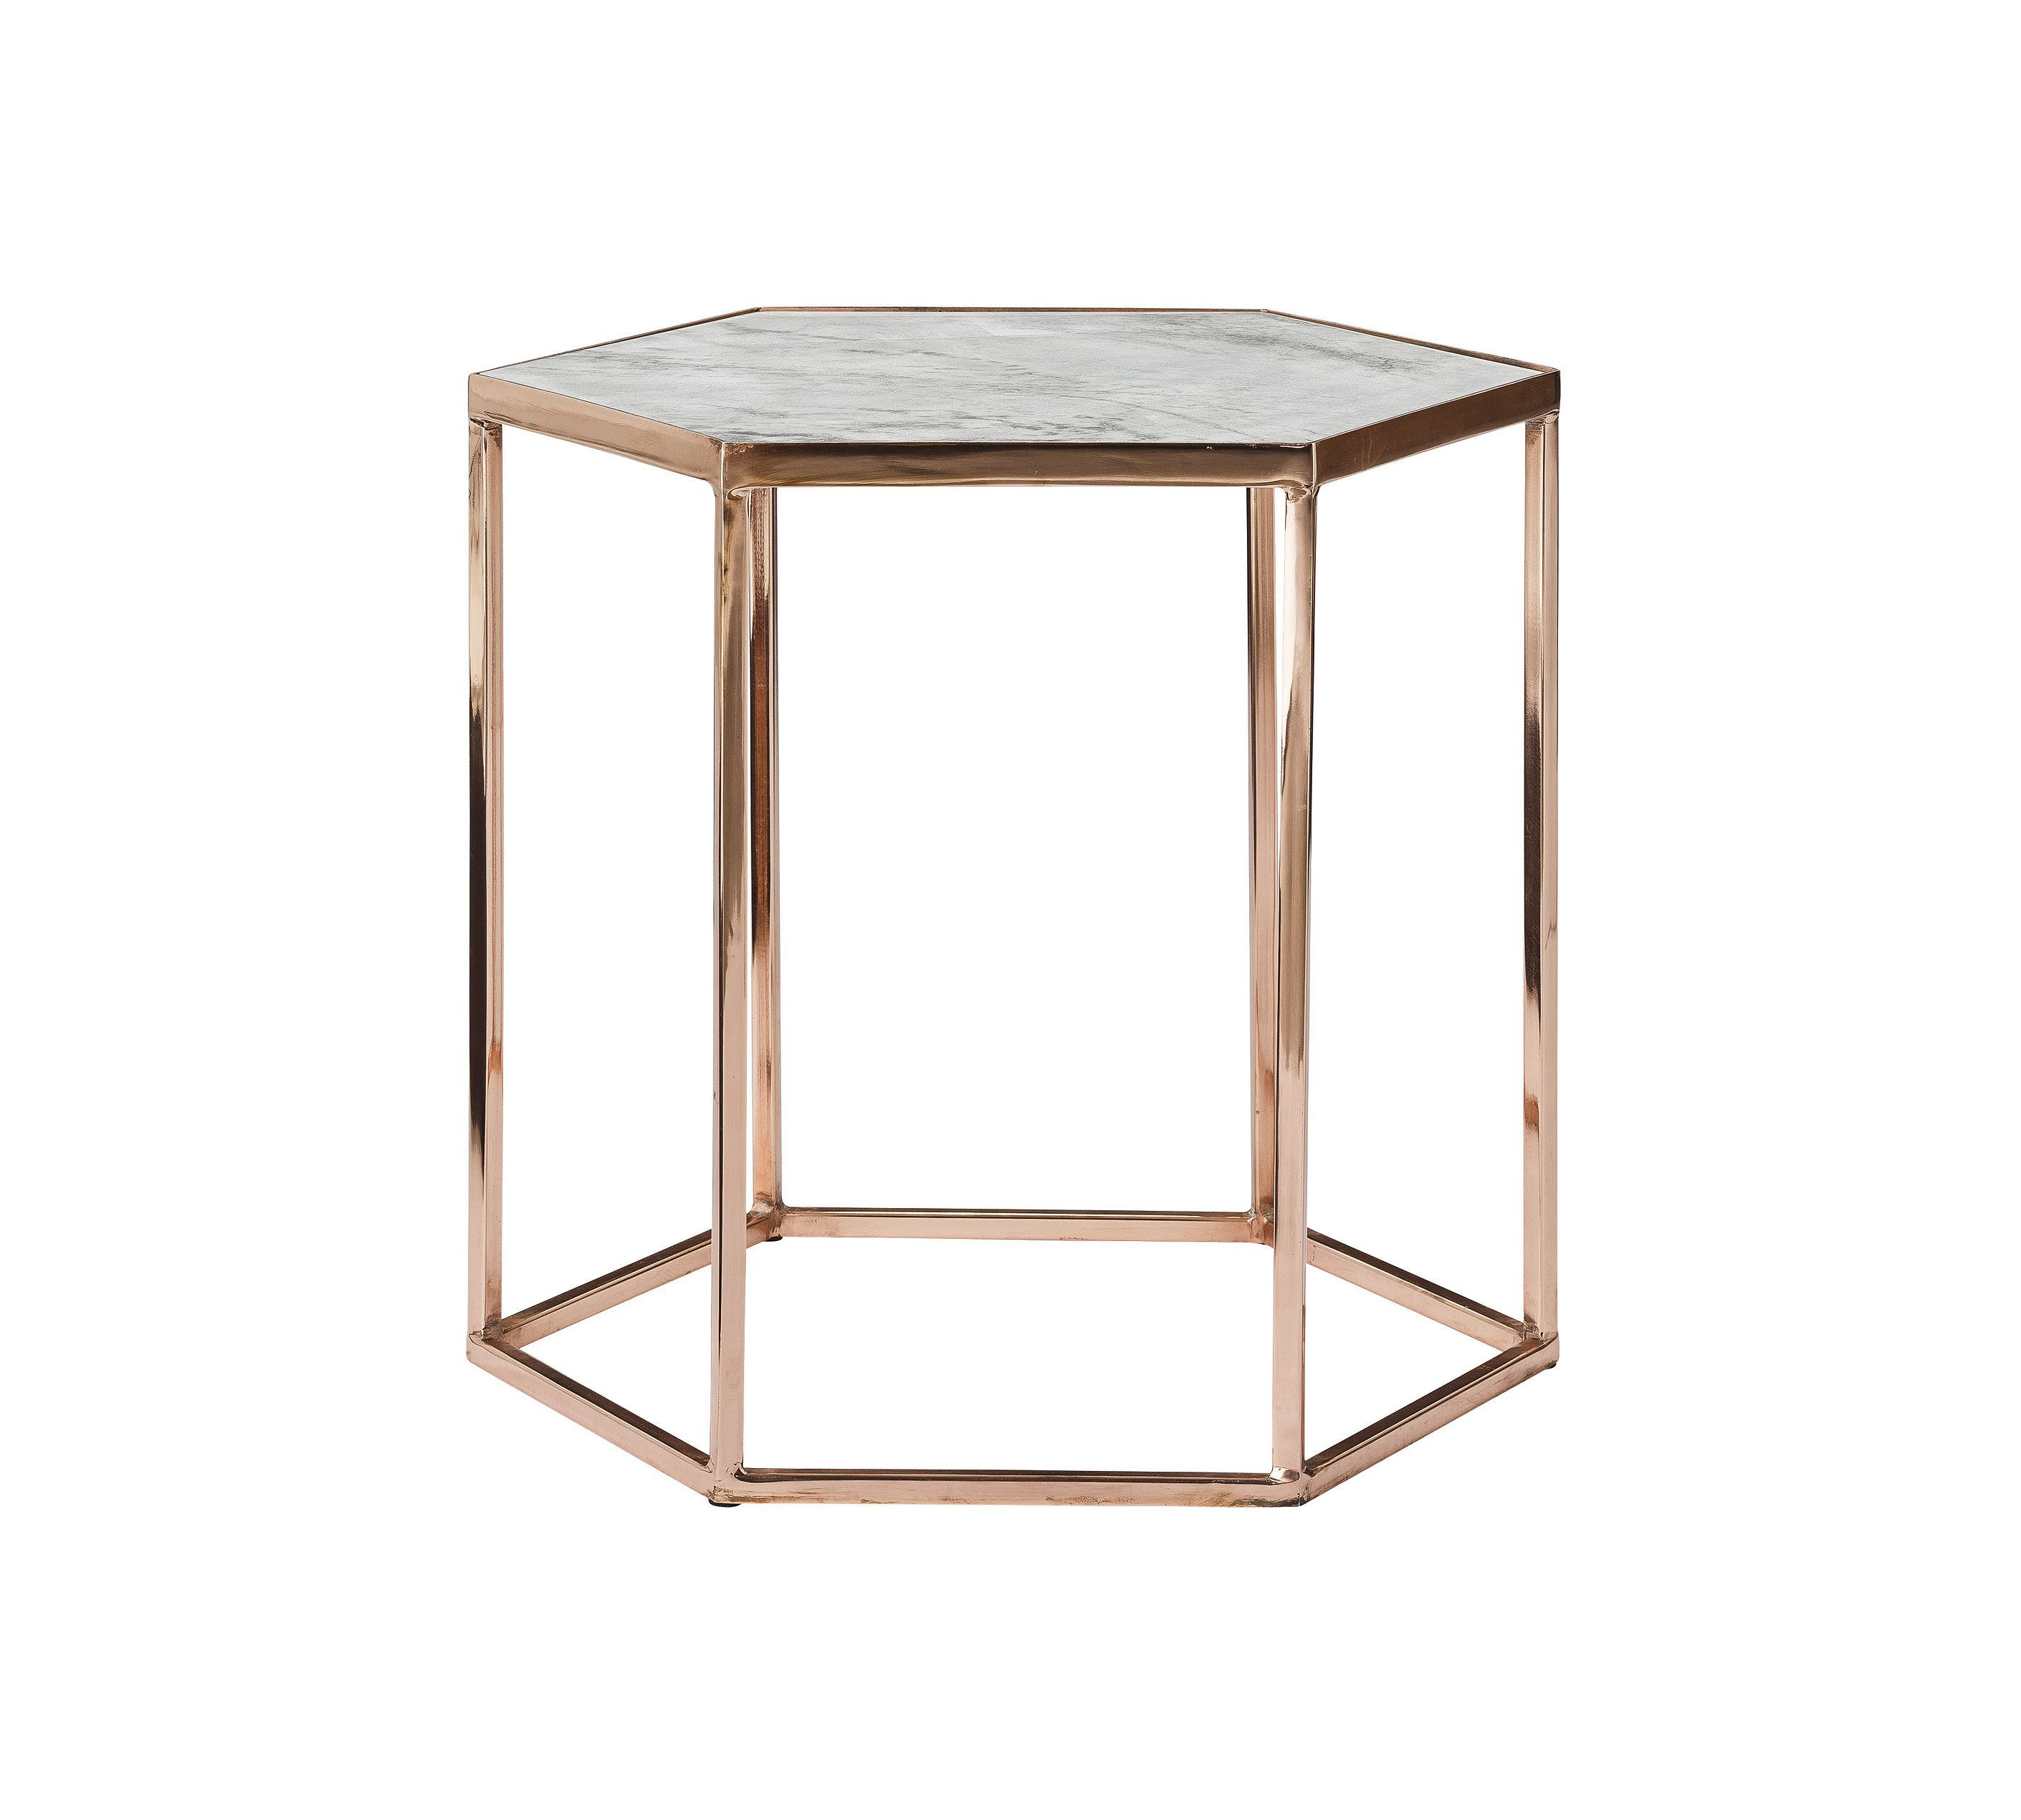 table basse en marbre s songes page 1. Black Bedroom Furniture Sets. Home Design Ideas